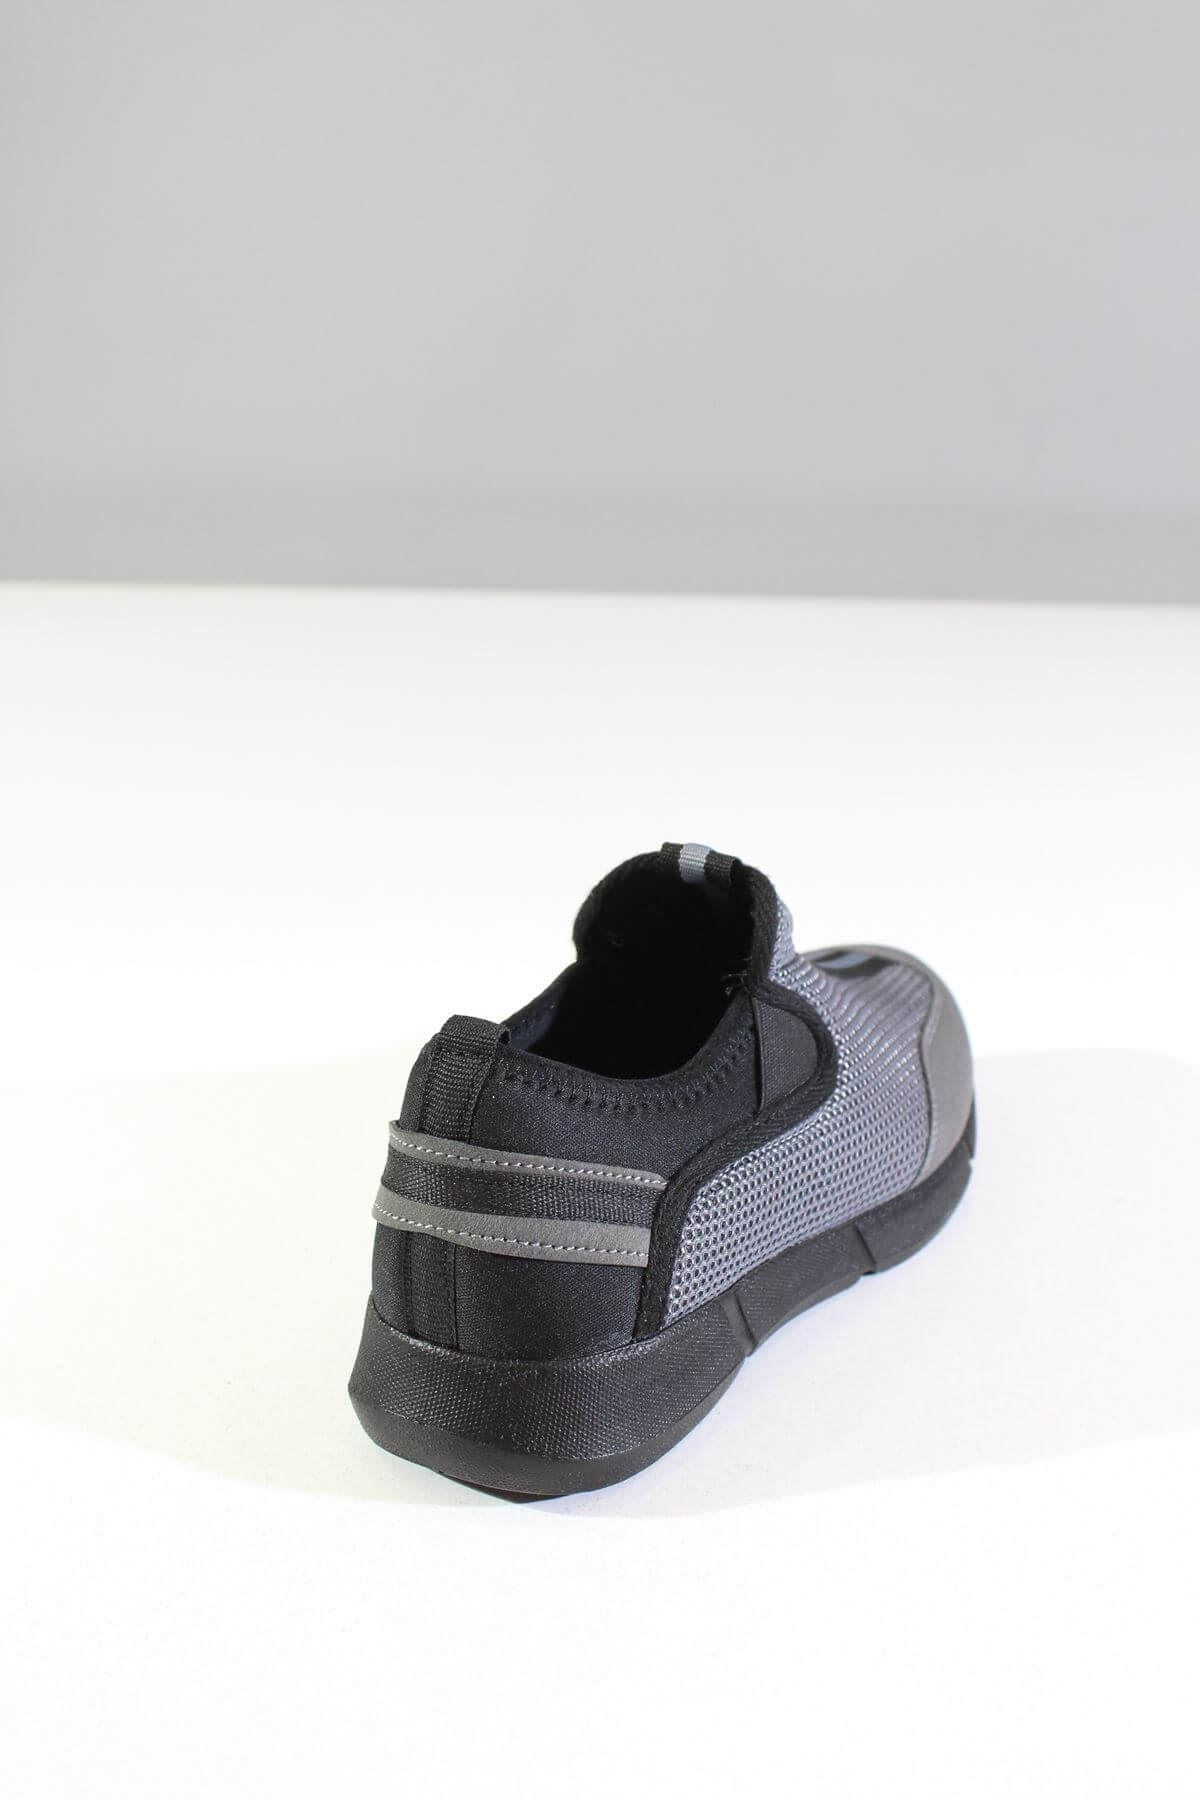 MP 191-7660 Gri-Siyah Erkek Spor Ayakkabı